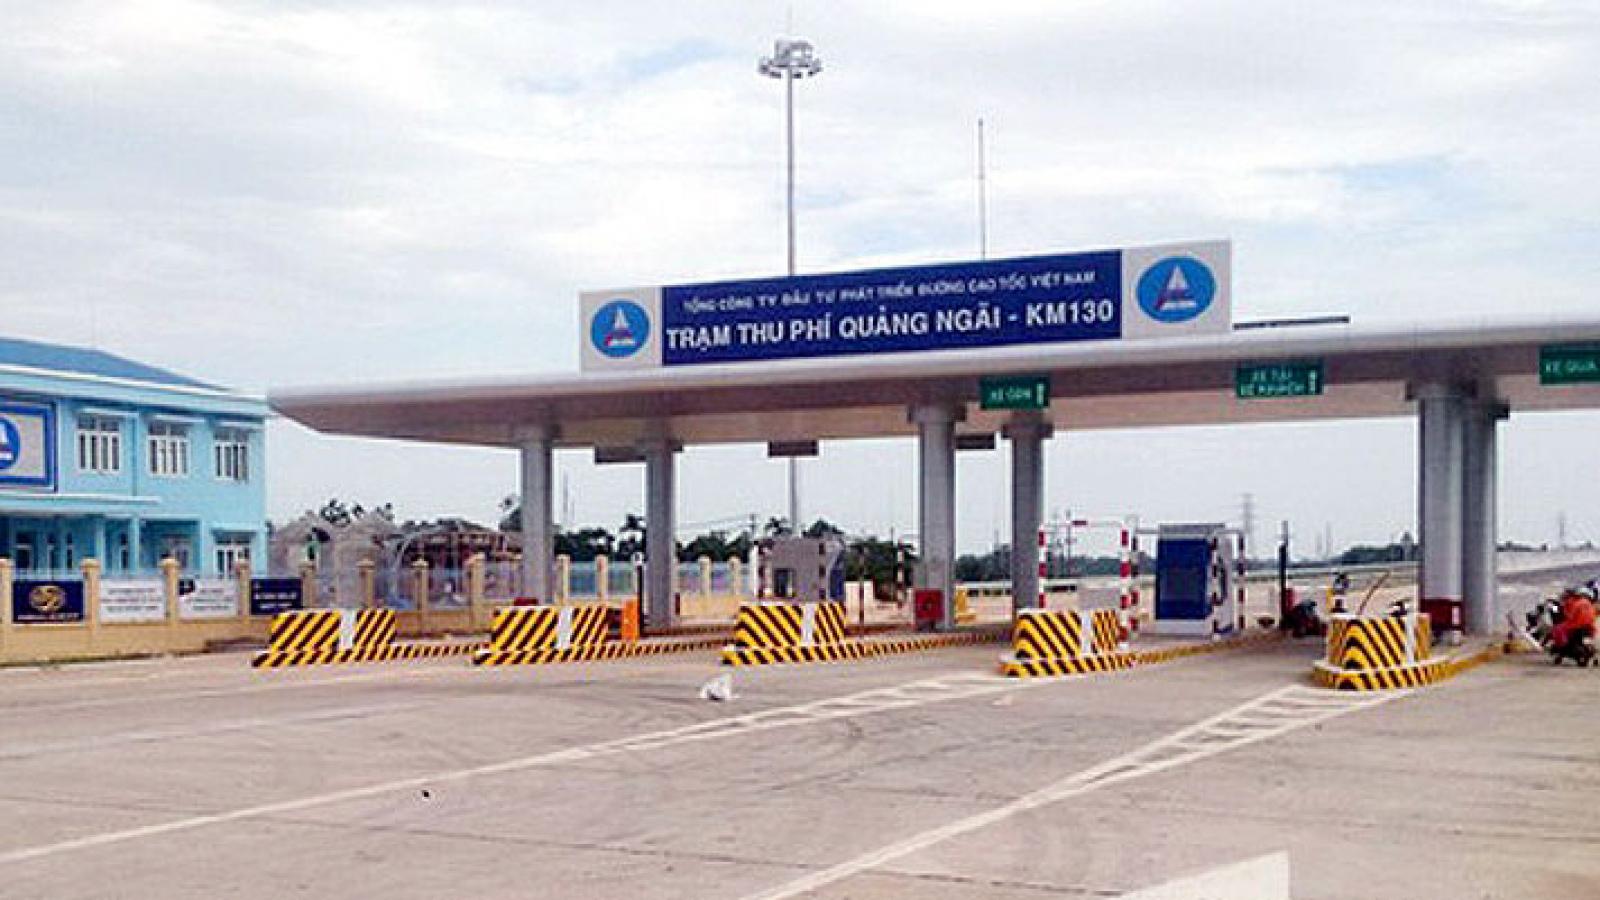 Tạm dừng thu phí thêm 2 trạm trên cao tốc Đà Nẵng - Quảng Ngãi